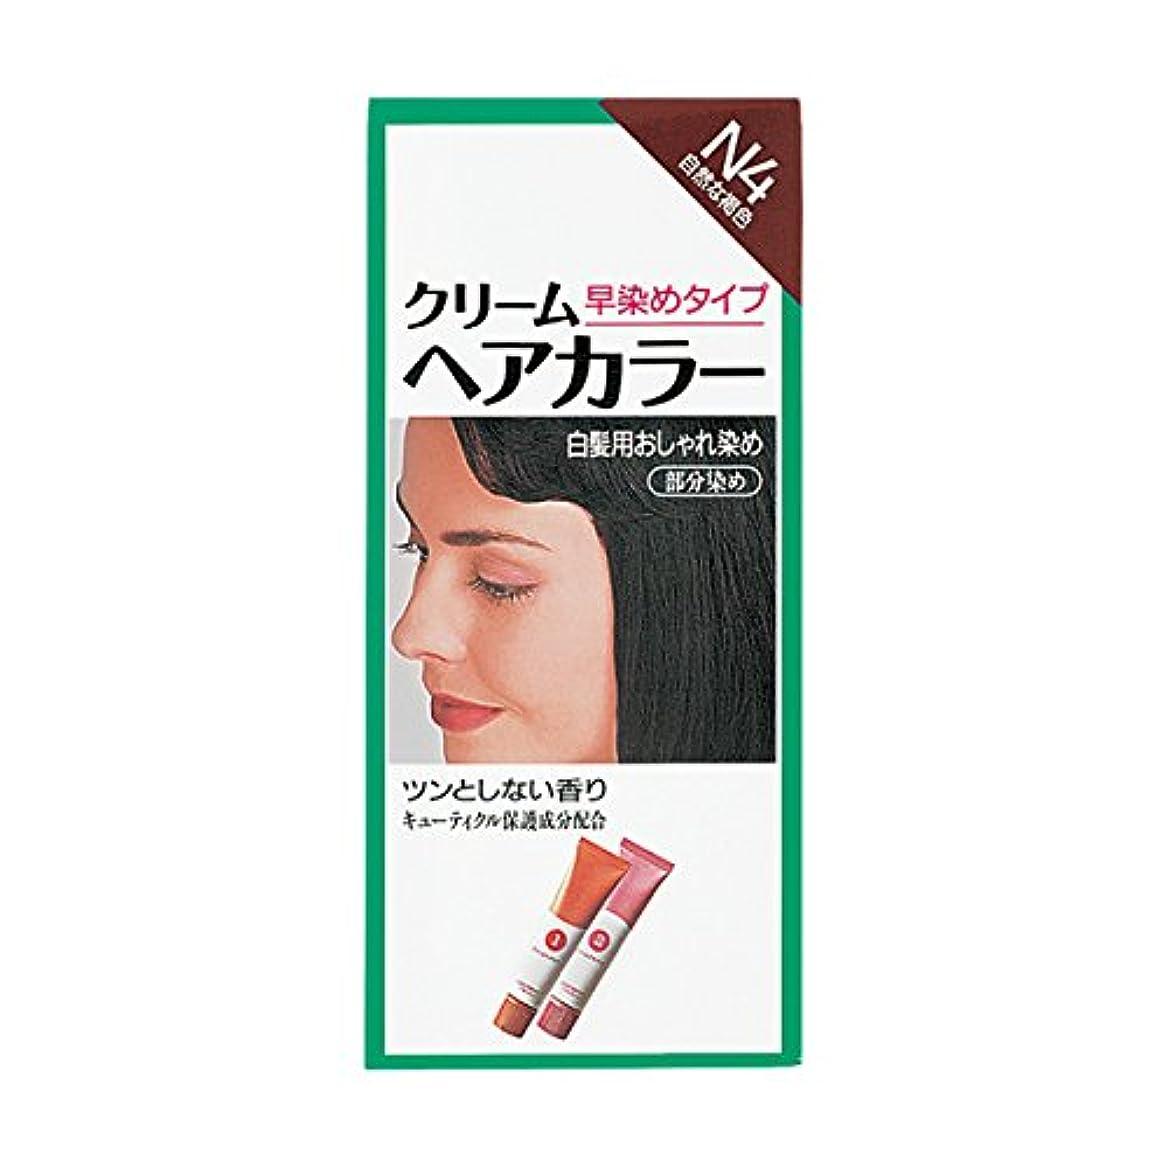 言い直す常習的ヒステリックヘアカラー クリームヘアカラーN N4 【医薬部外品】